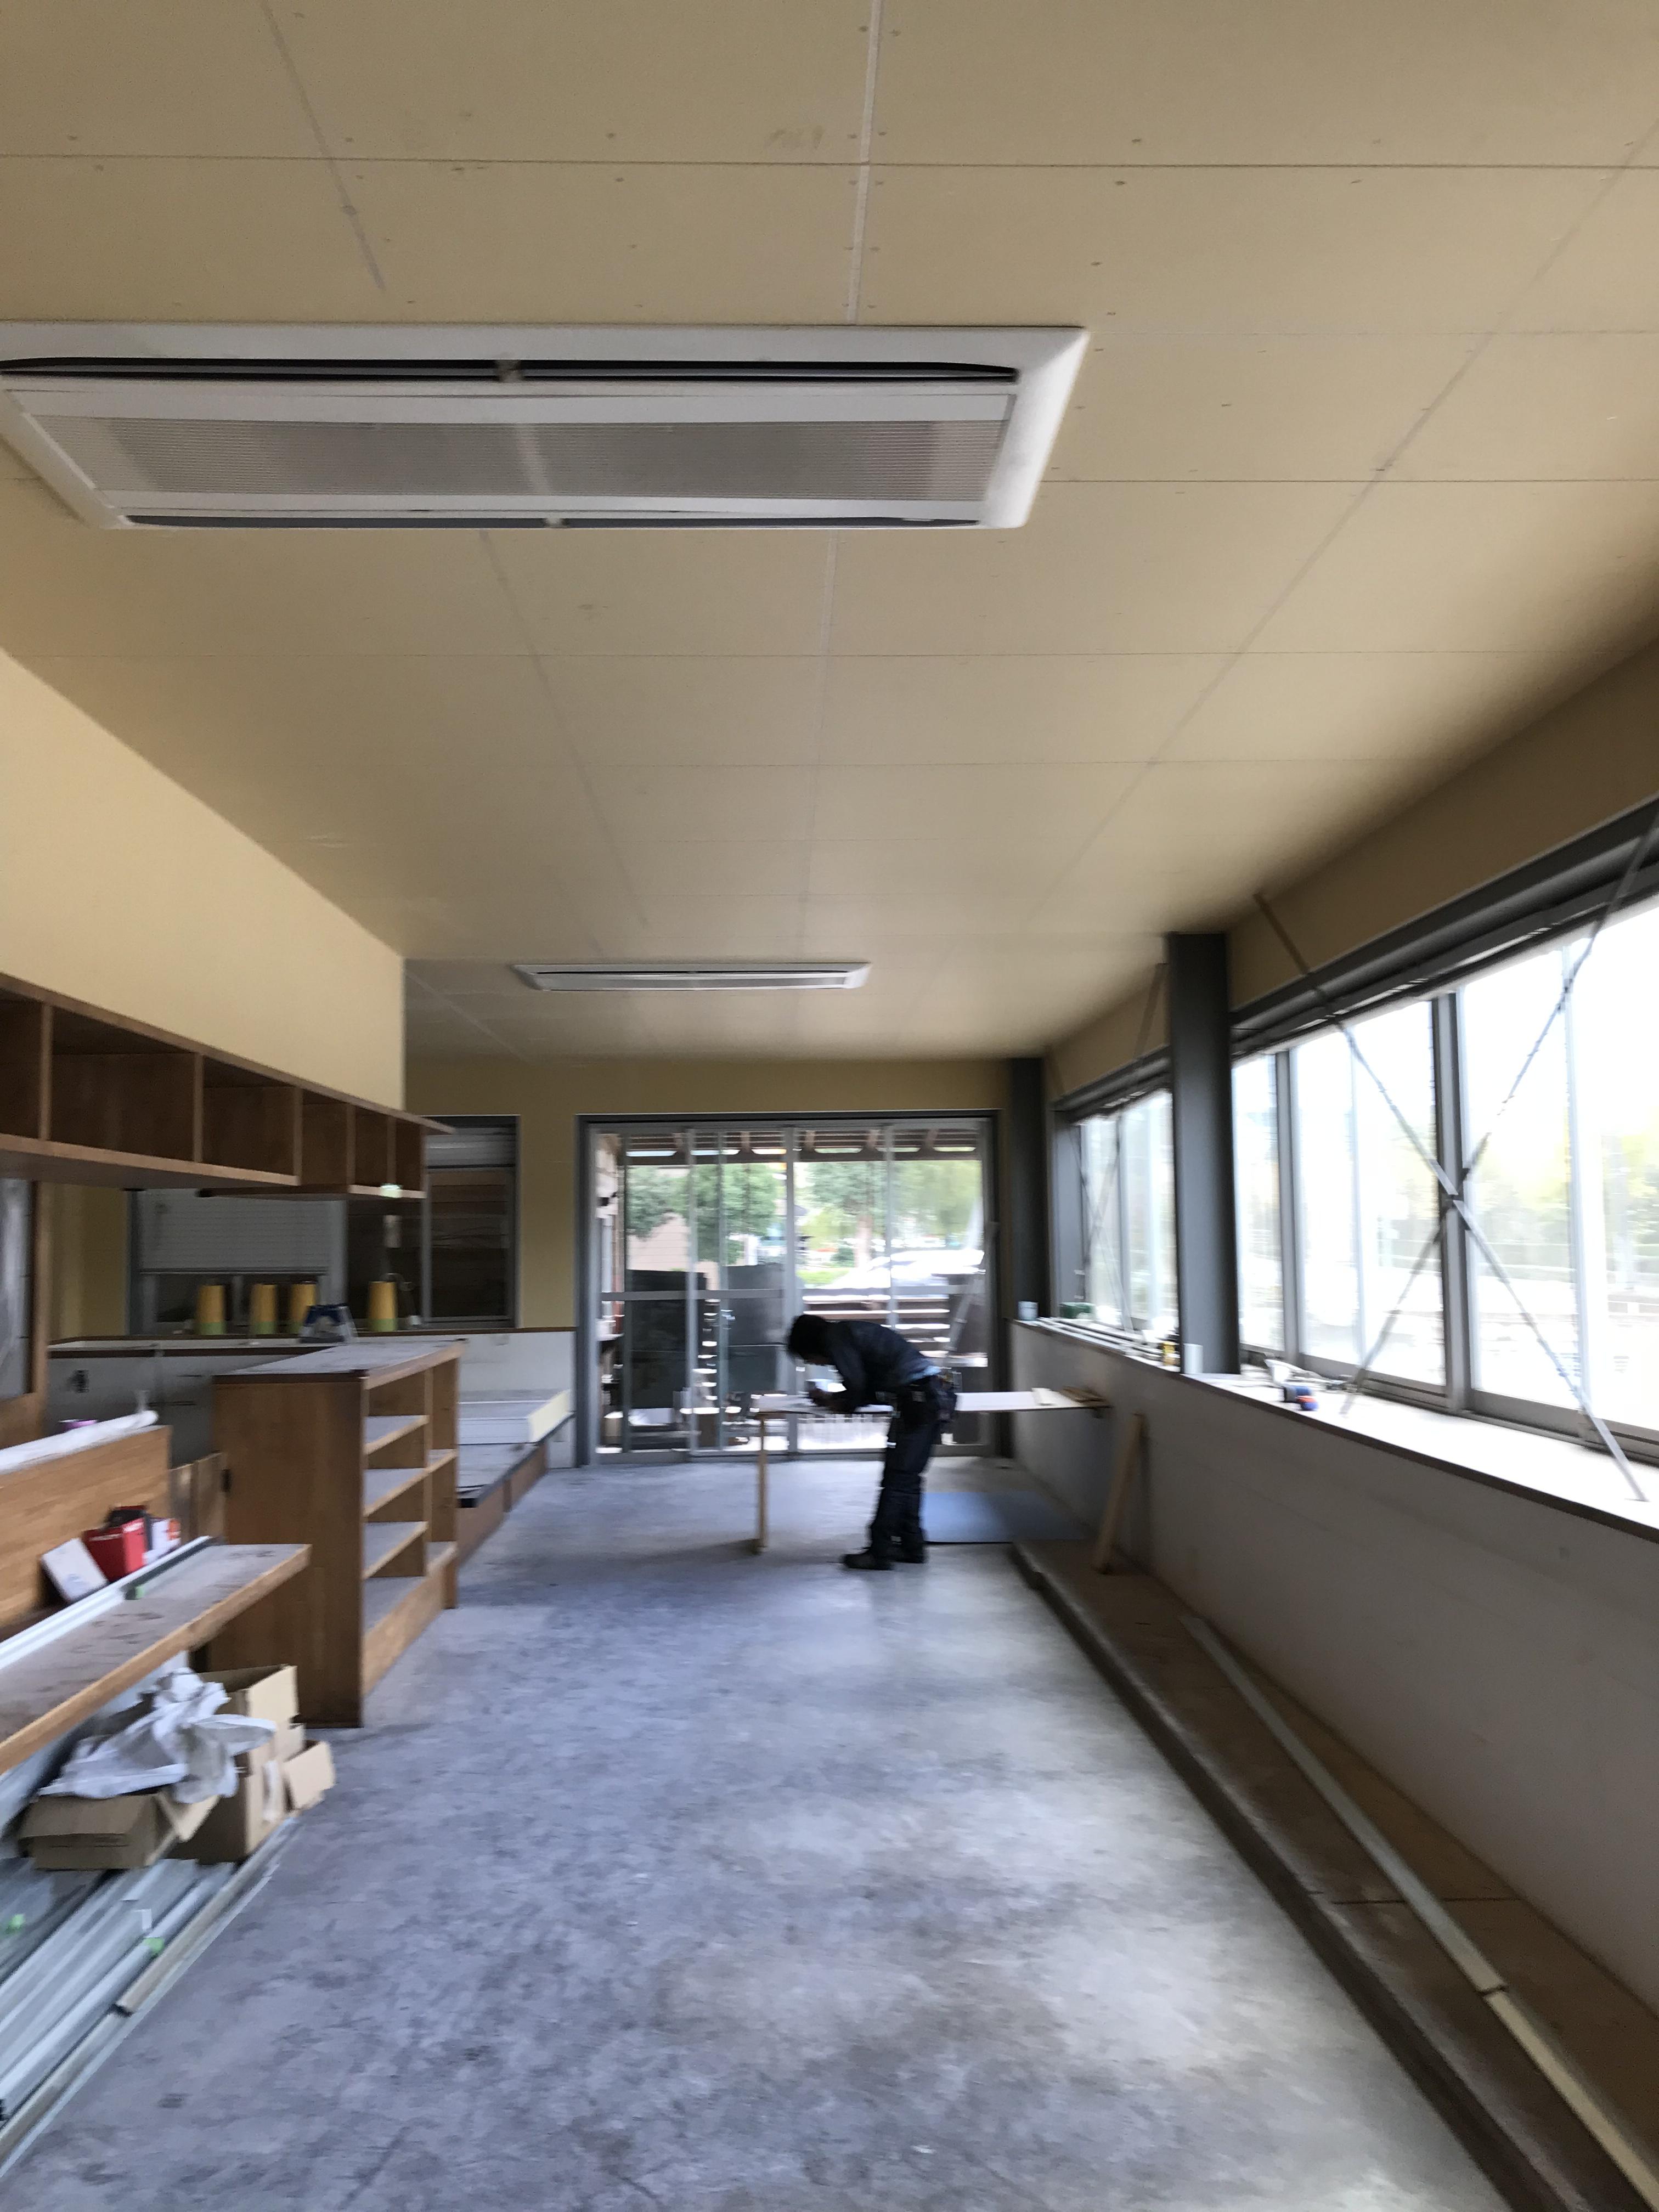 松江 リフォーム 店舗 改装 内装工事